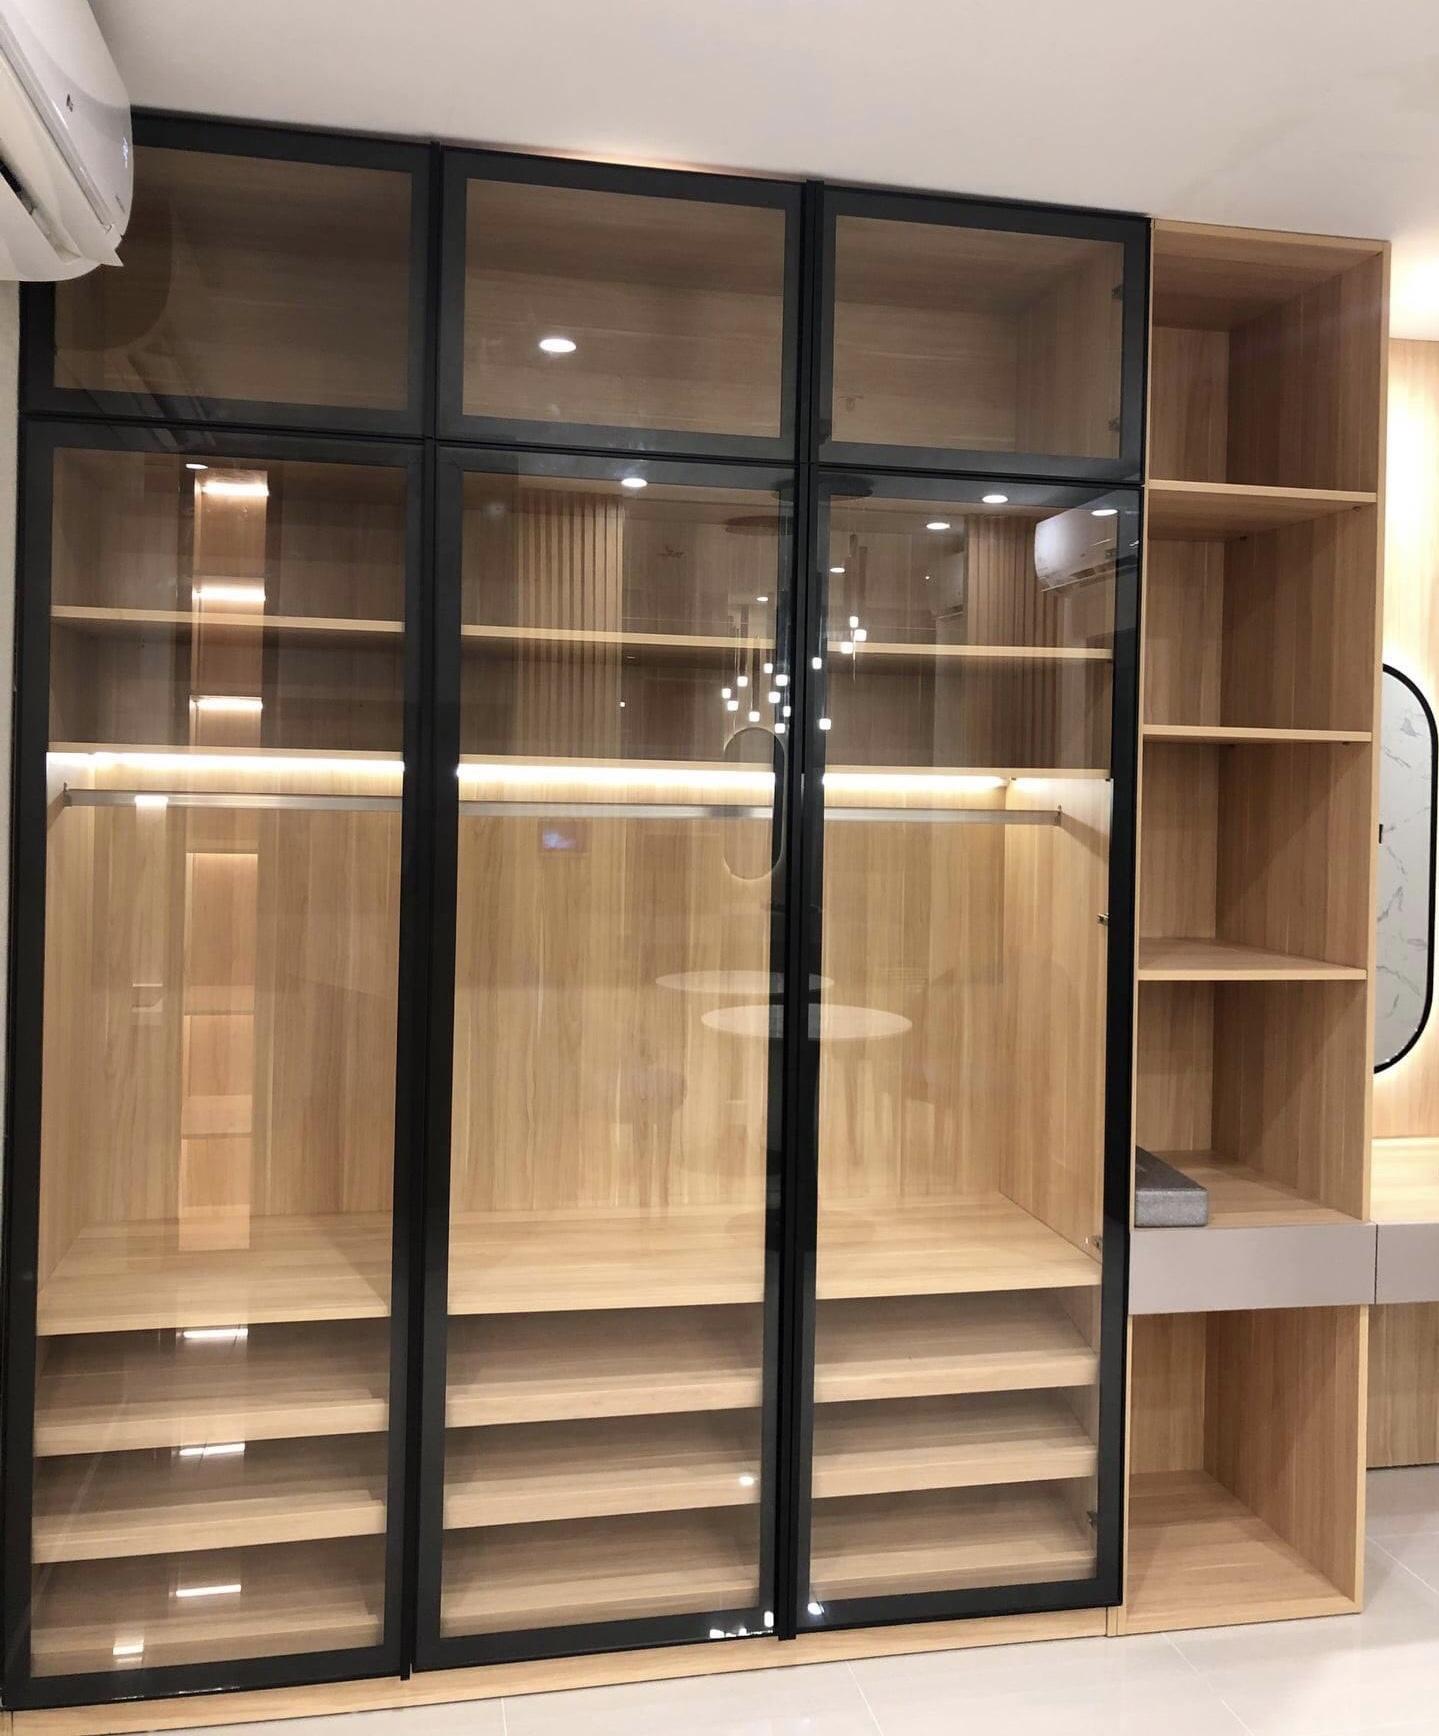 Căn hộ Studio 34m2 tầng 6 toà S5.01 Nội thất đầy đủ giá 5tr/tháng 5